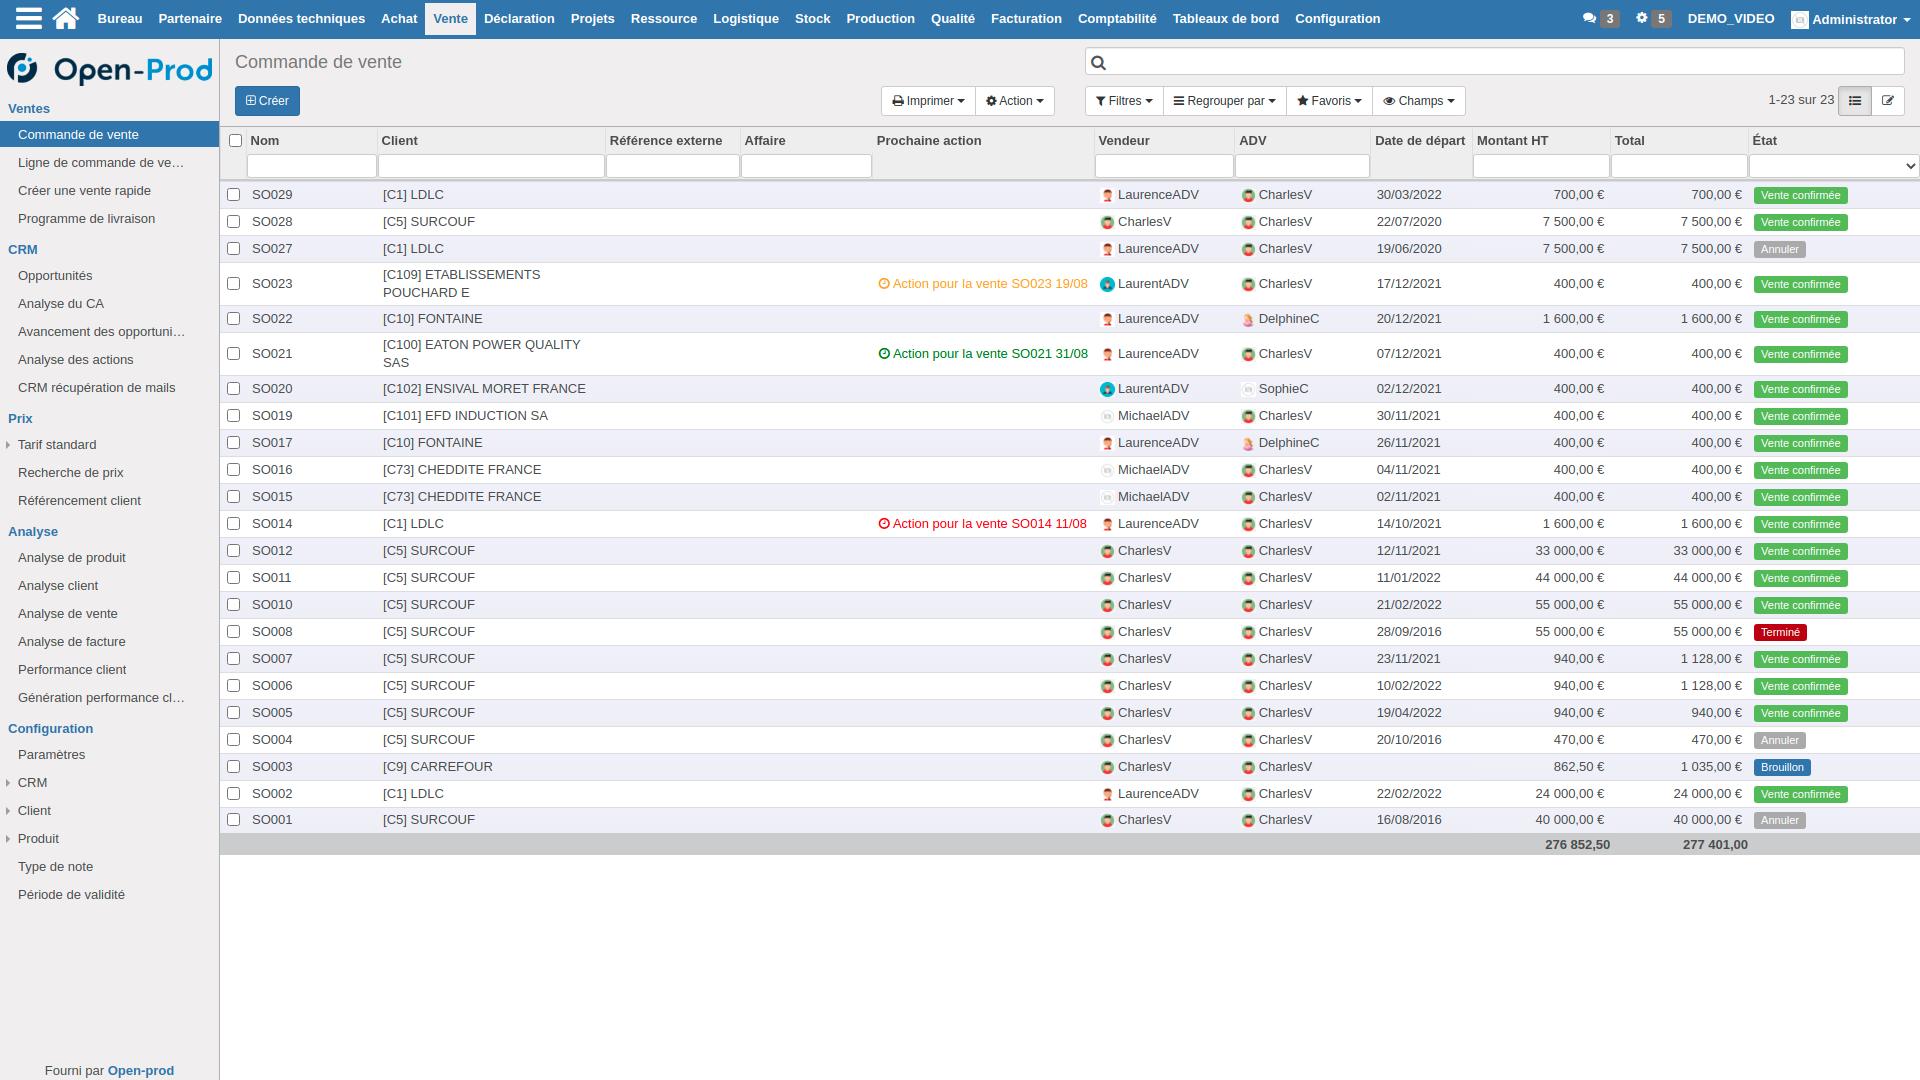 Interface des lignes de commande de vente dans l'ERP